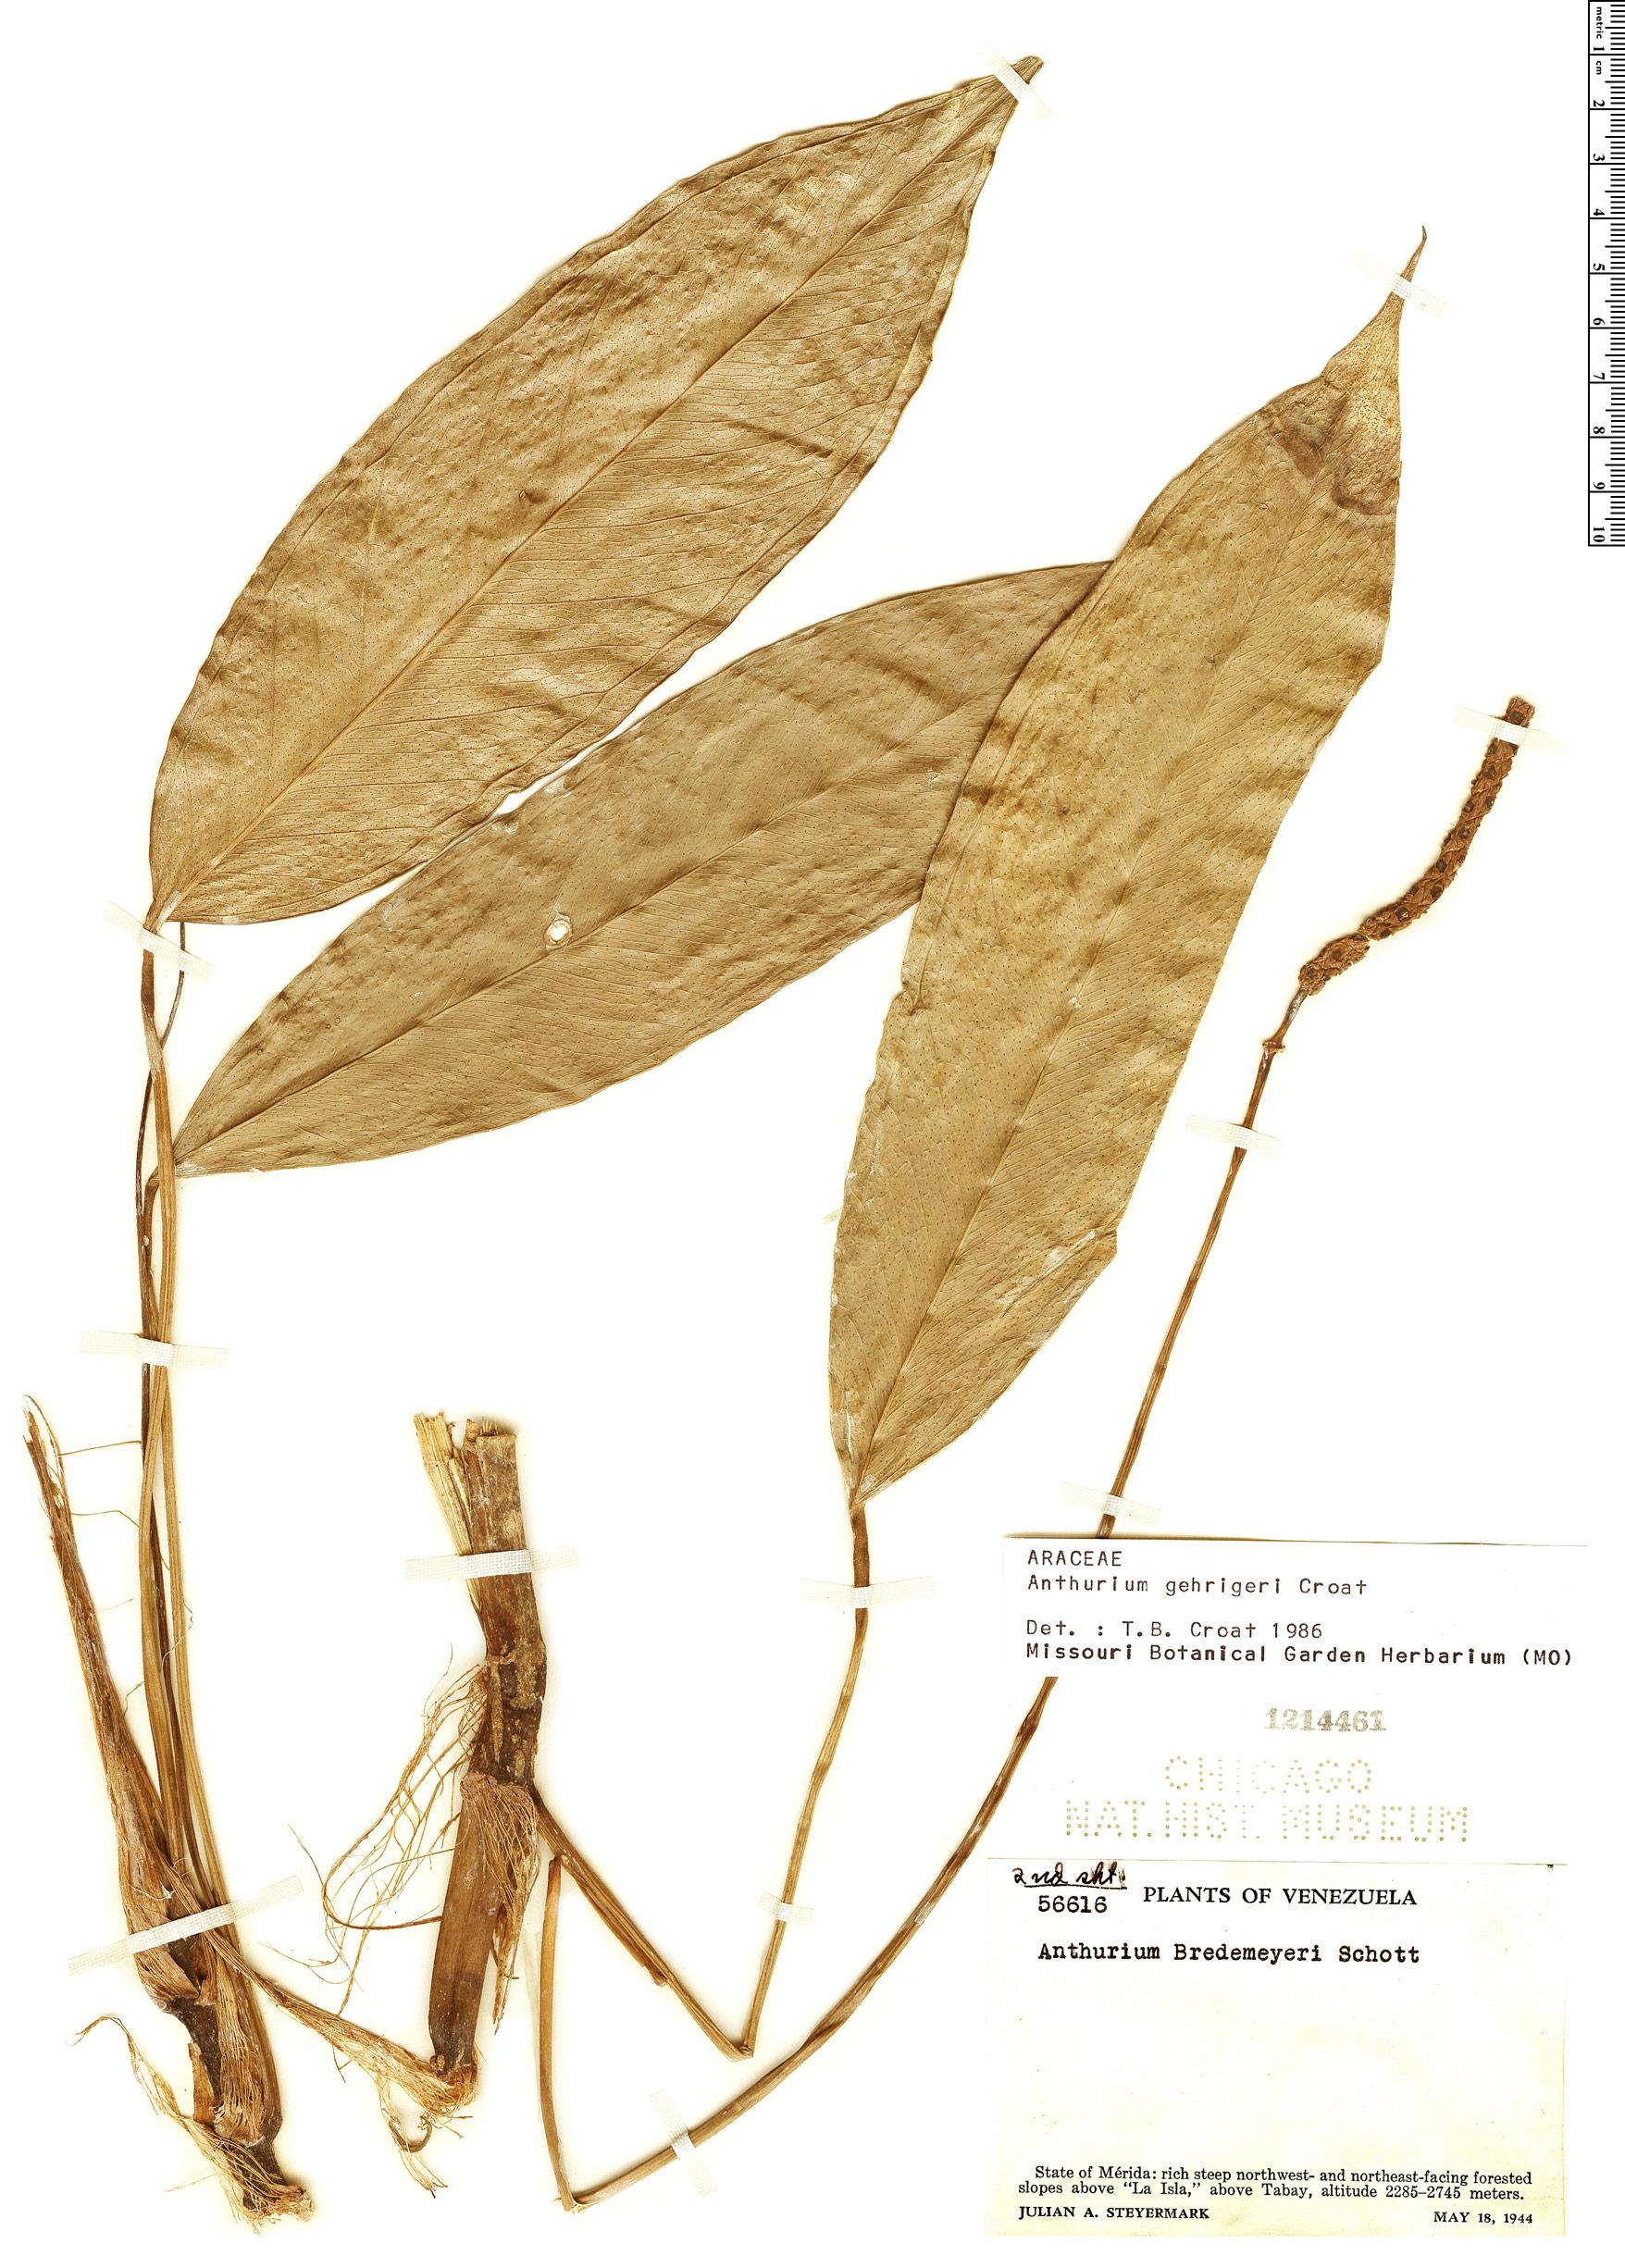 Specimen: Anthurium gehrigeri